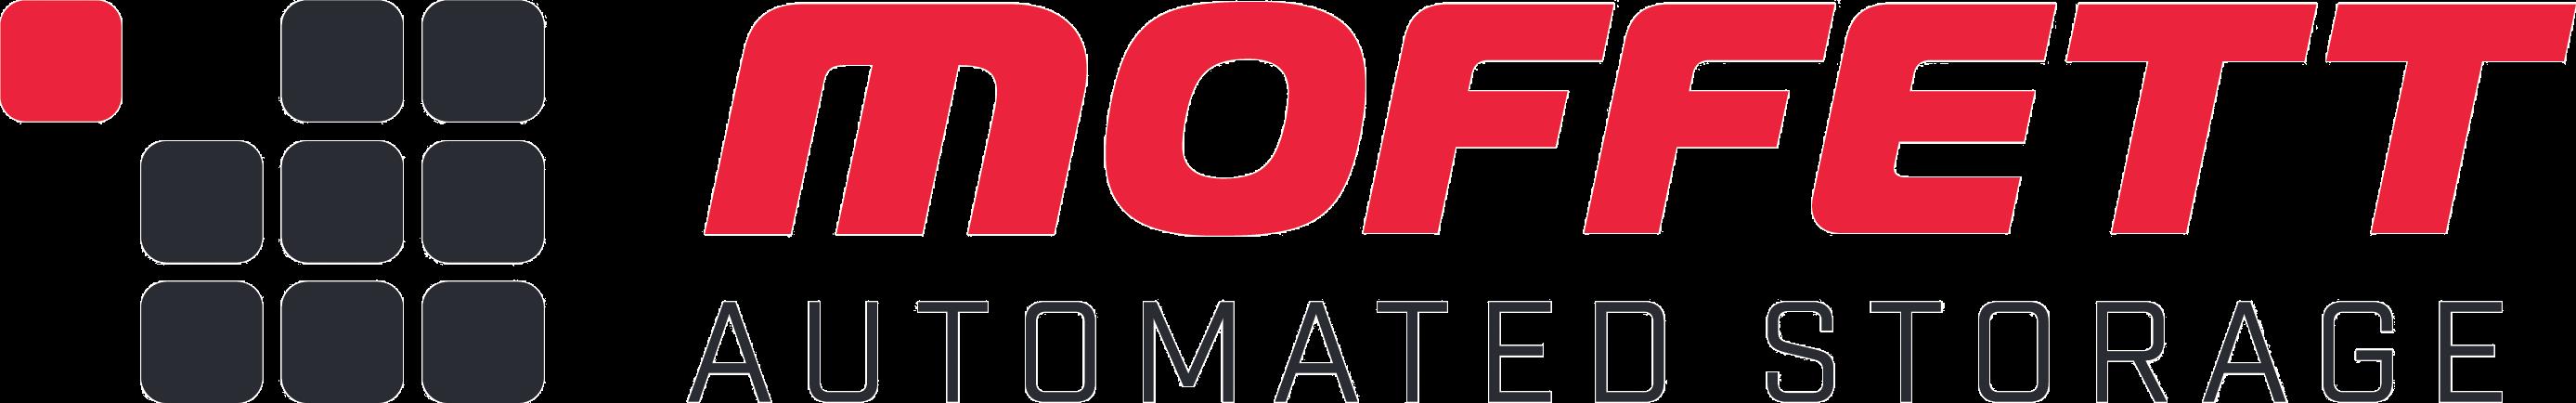 Moffett Automated Storage